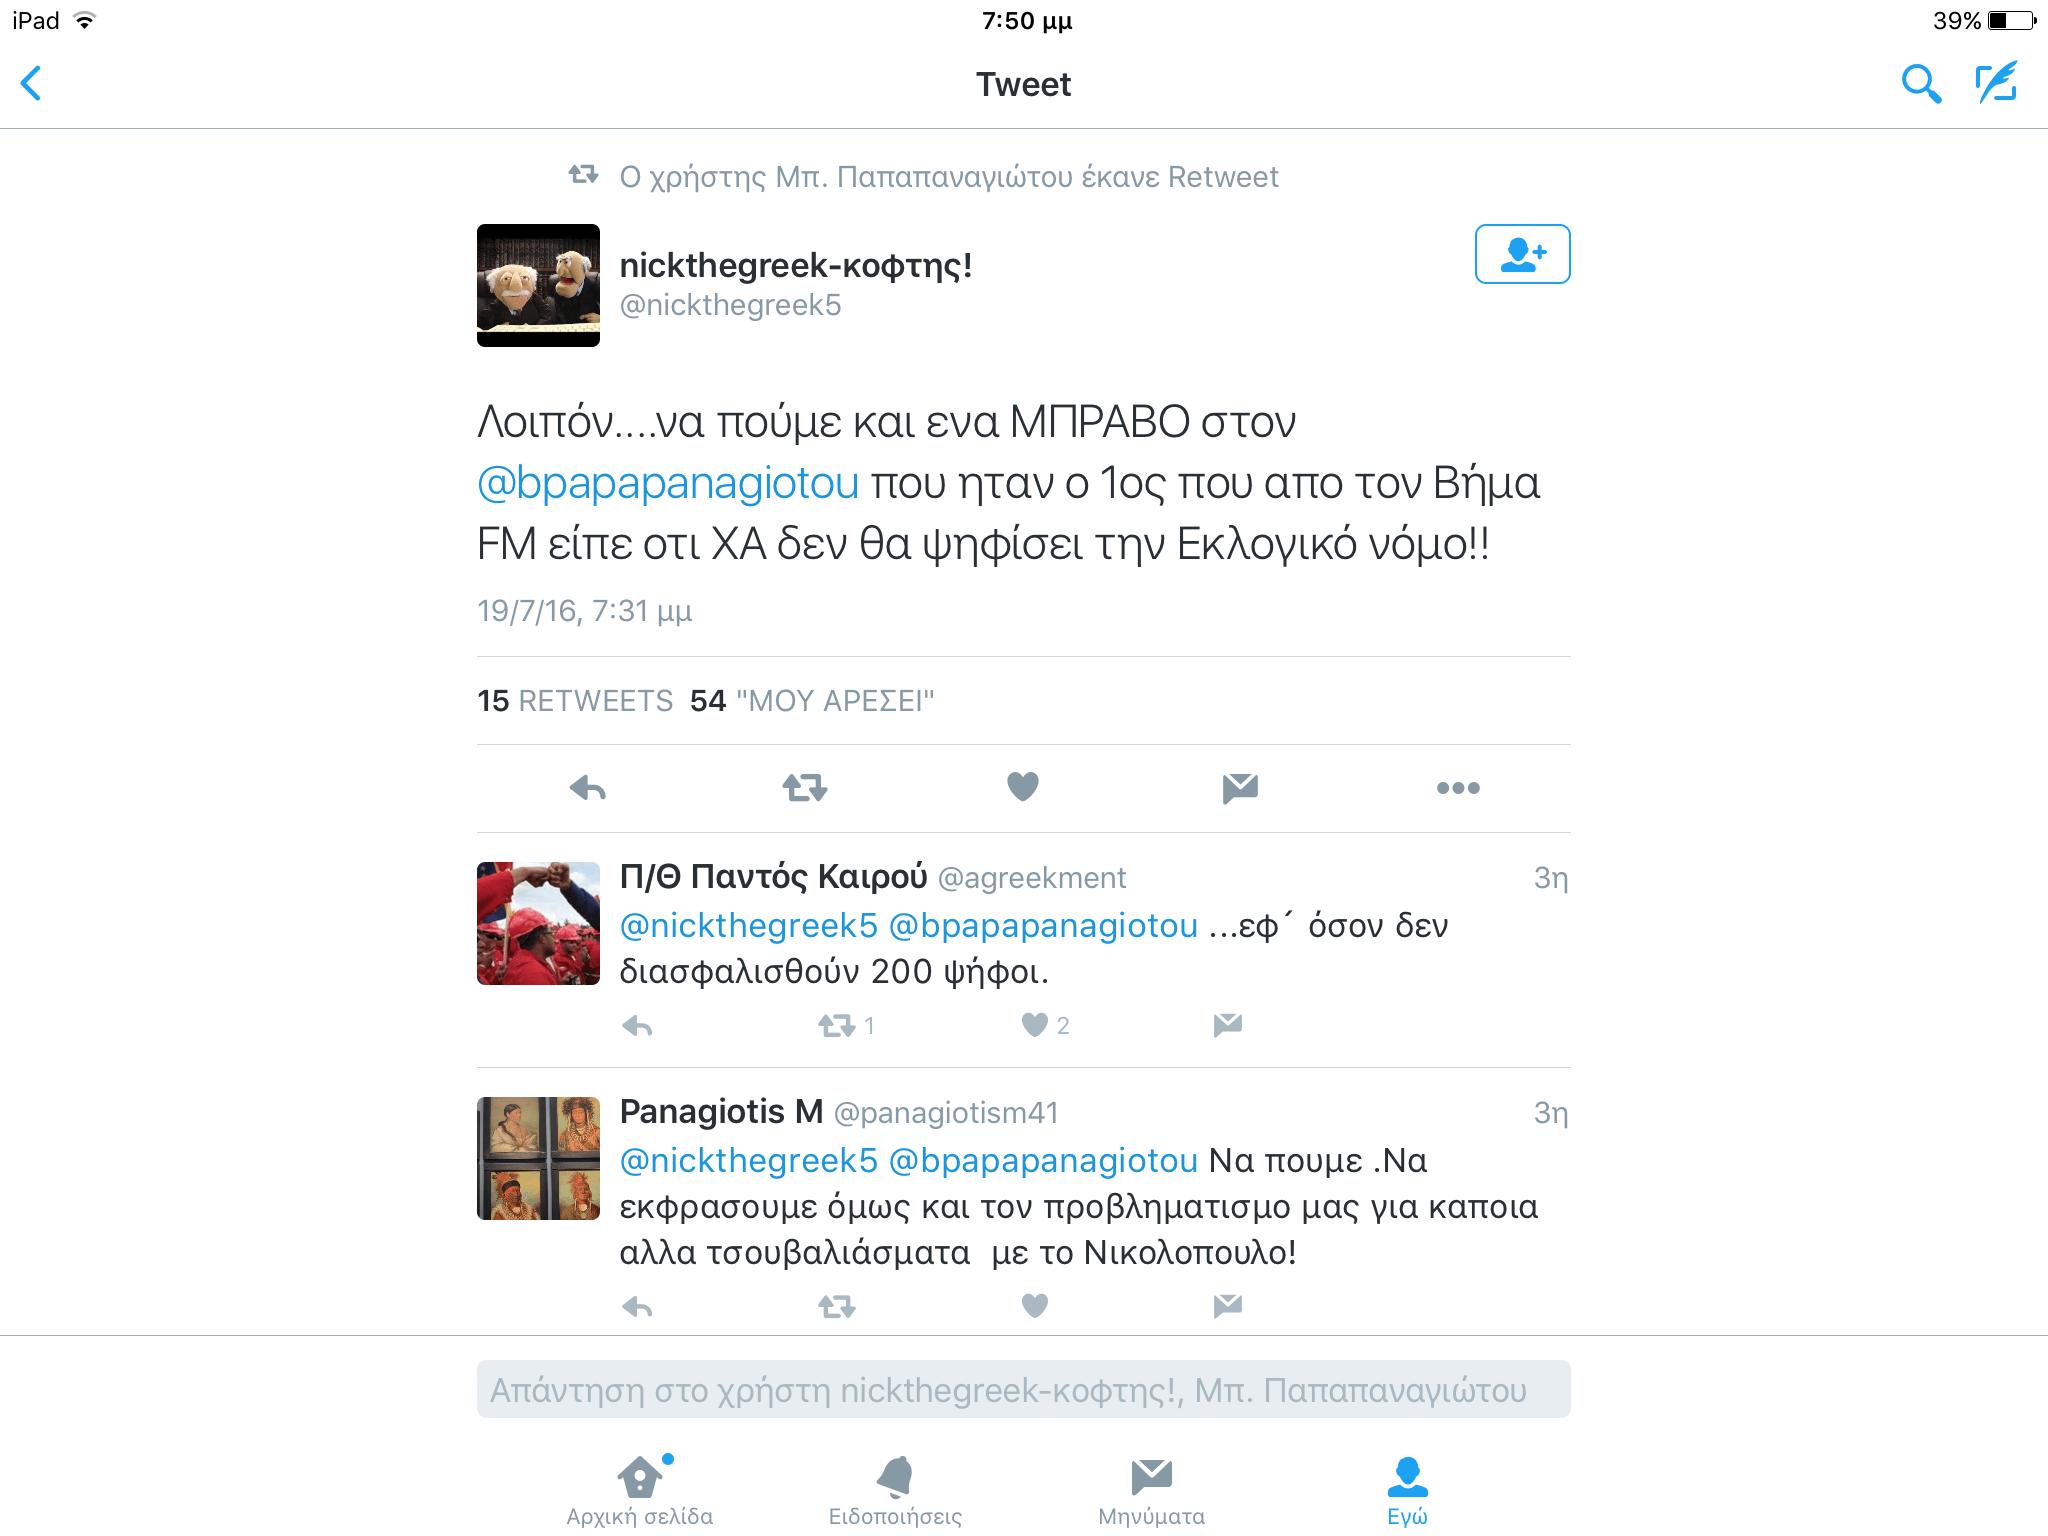 Δημοσιογράφος του ΔΟΛ εκλεκτός συνομιλητής της Χρυσής Αυγής;